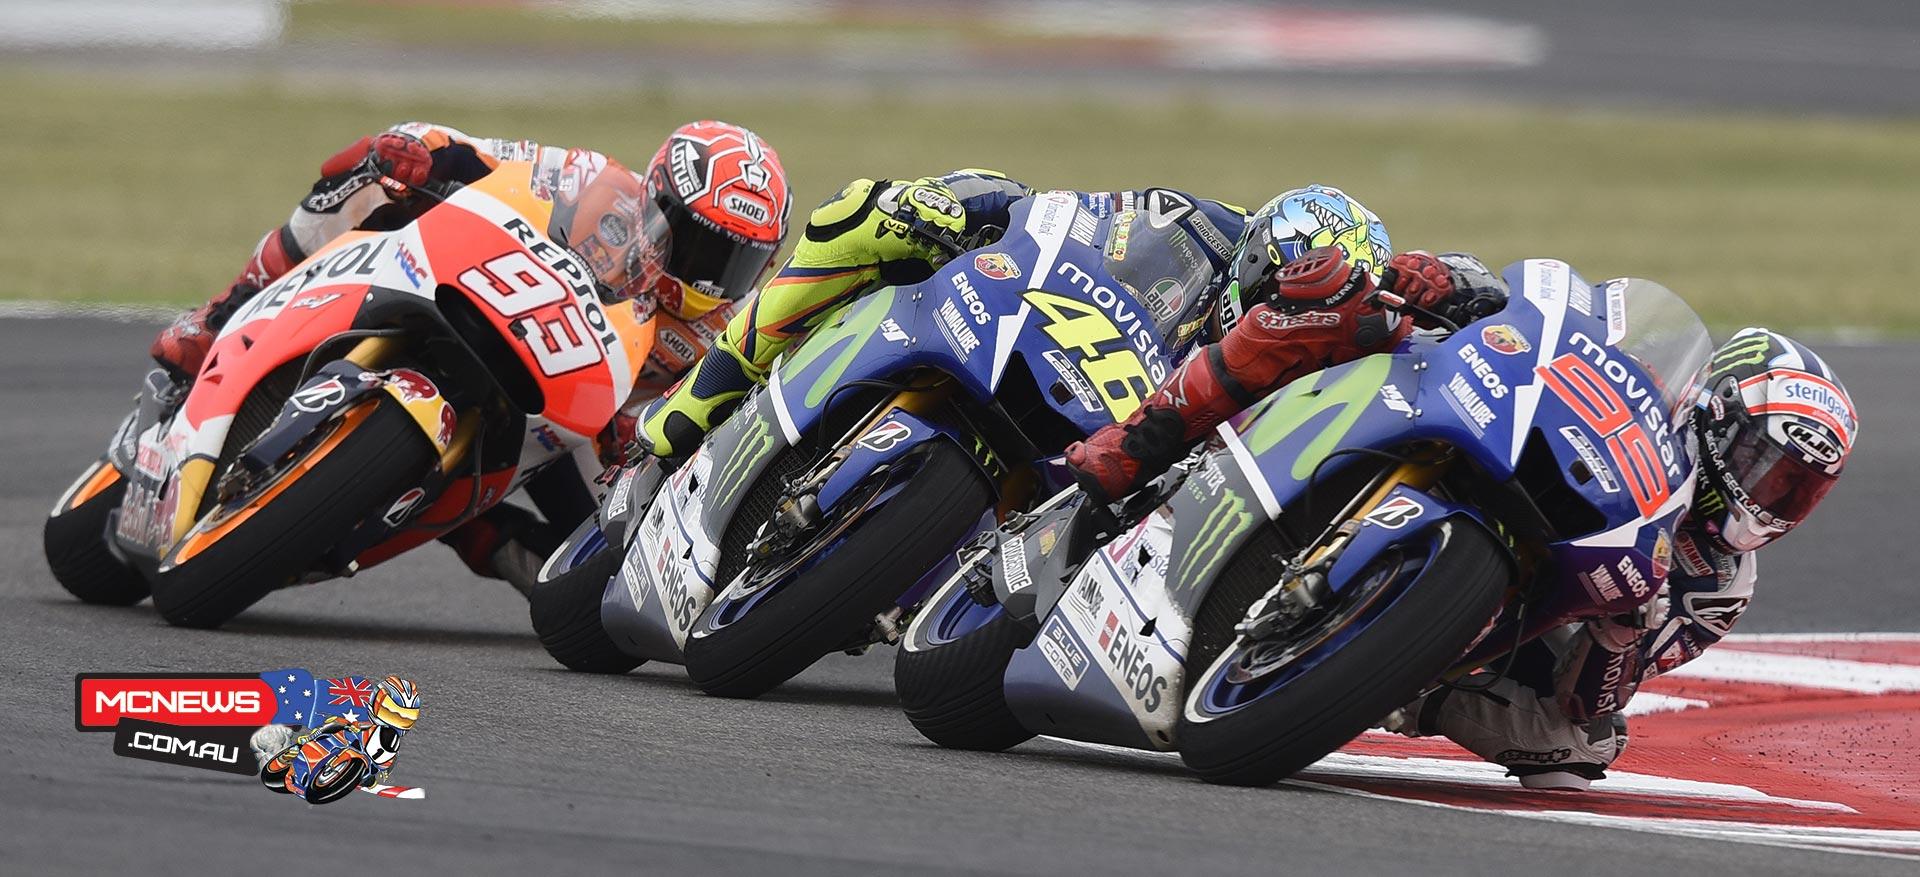 Jorge Lorenzo, Valentino Rossi, Marc Marquez